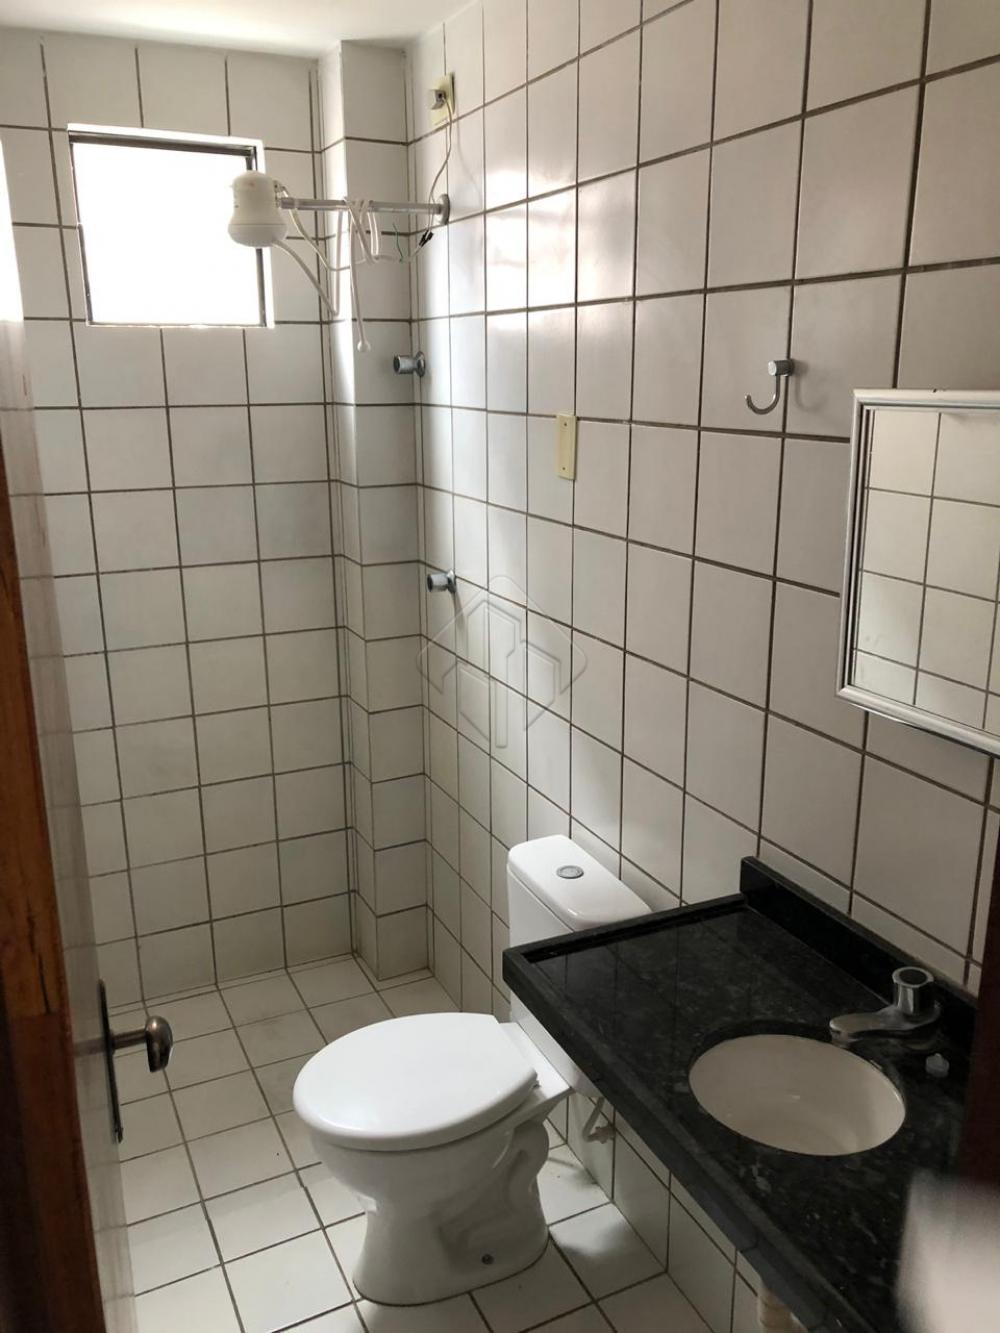 Comprar Apartamento / Padrão em João Pessoa apenas R$ 139.000,00 - Foto 9